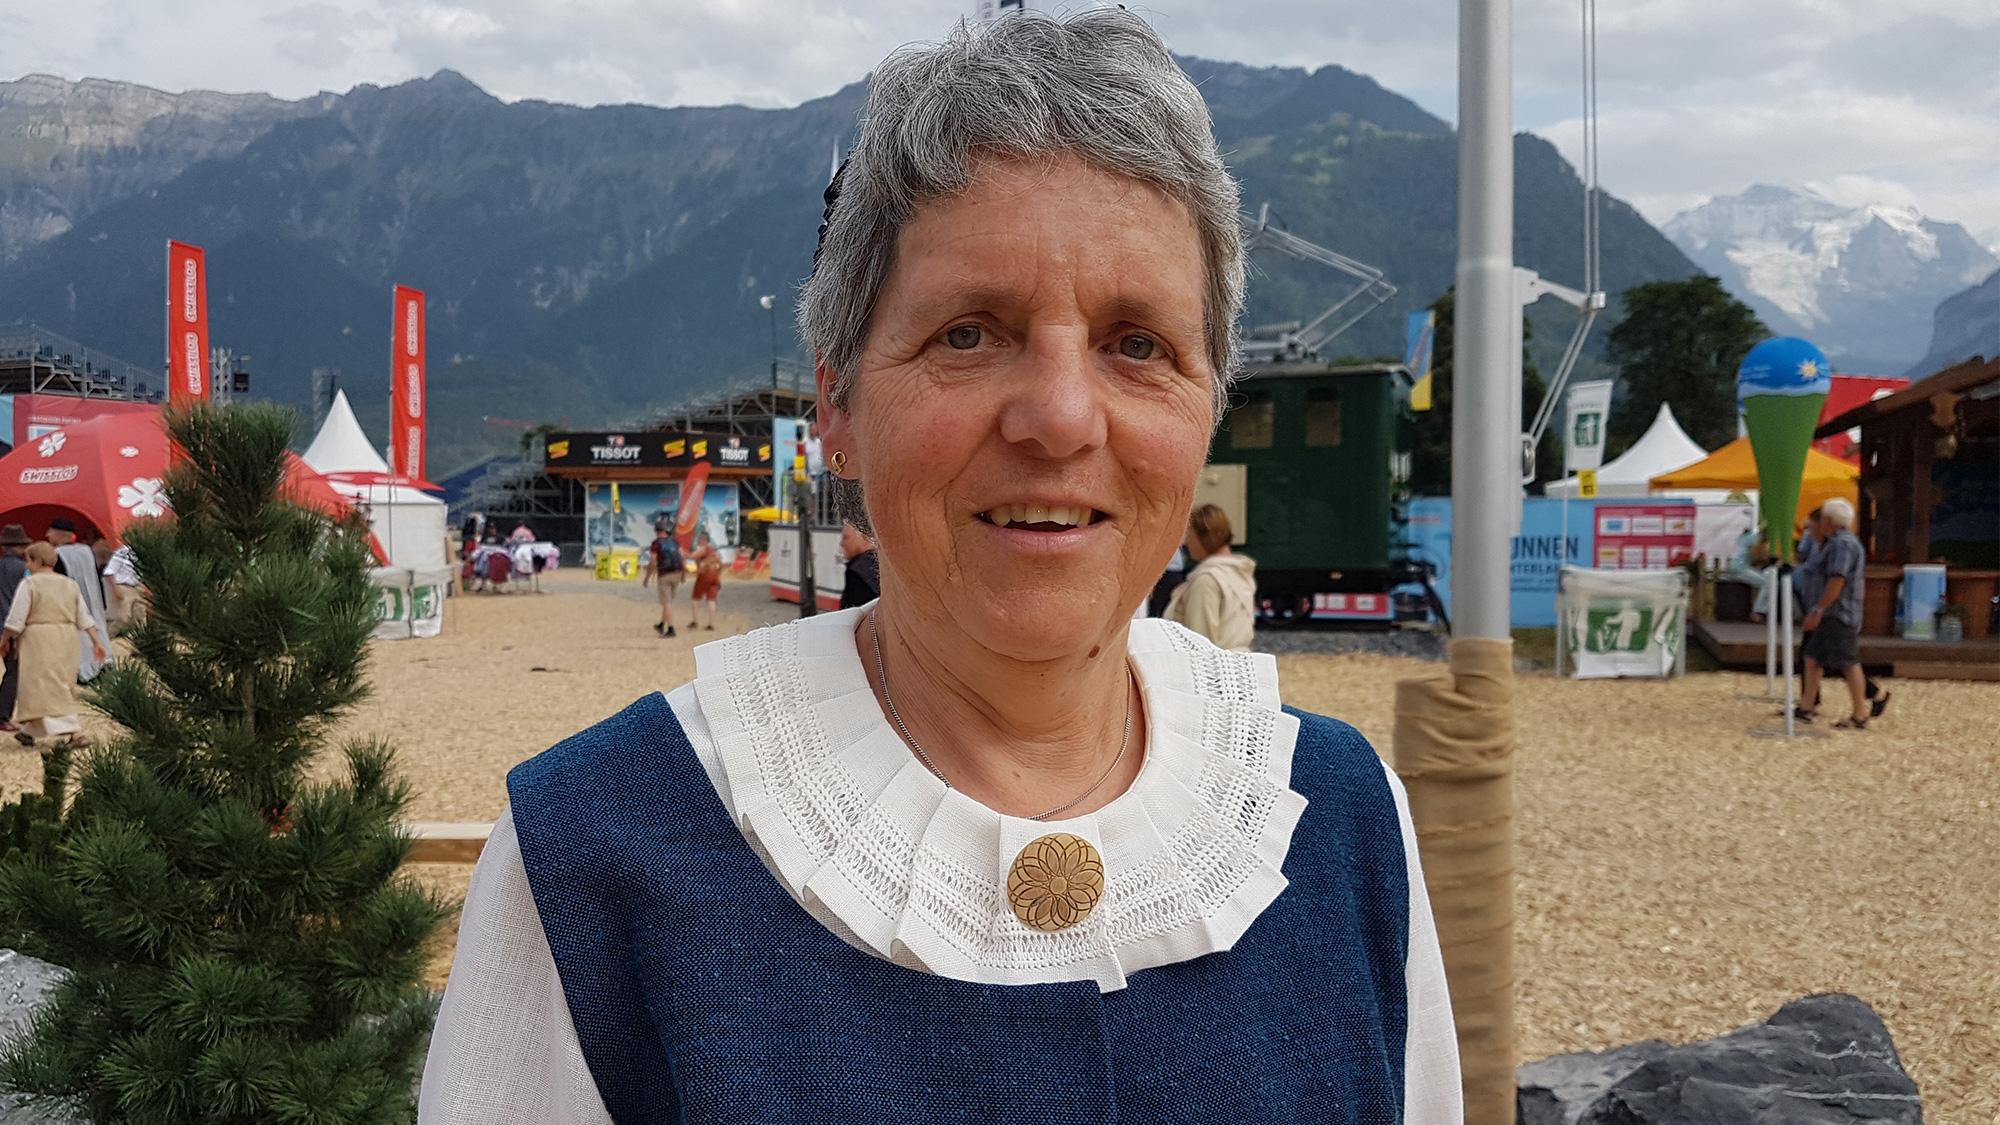 Elisabeth Bösch und ihre Bündner Sonntagstracht